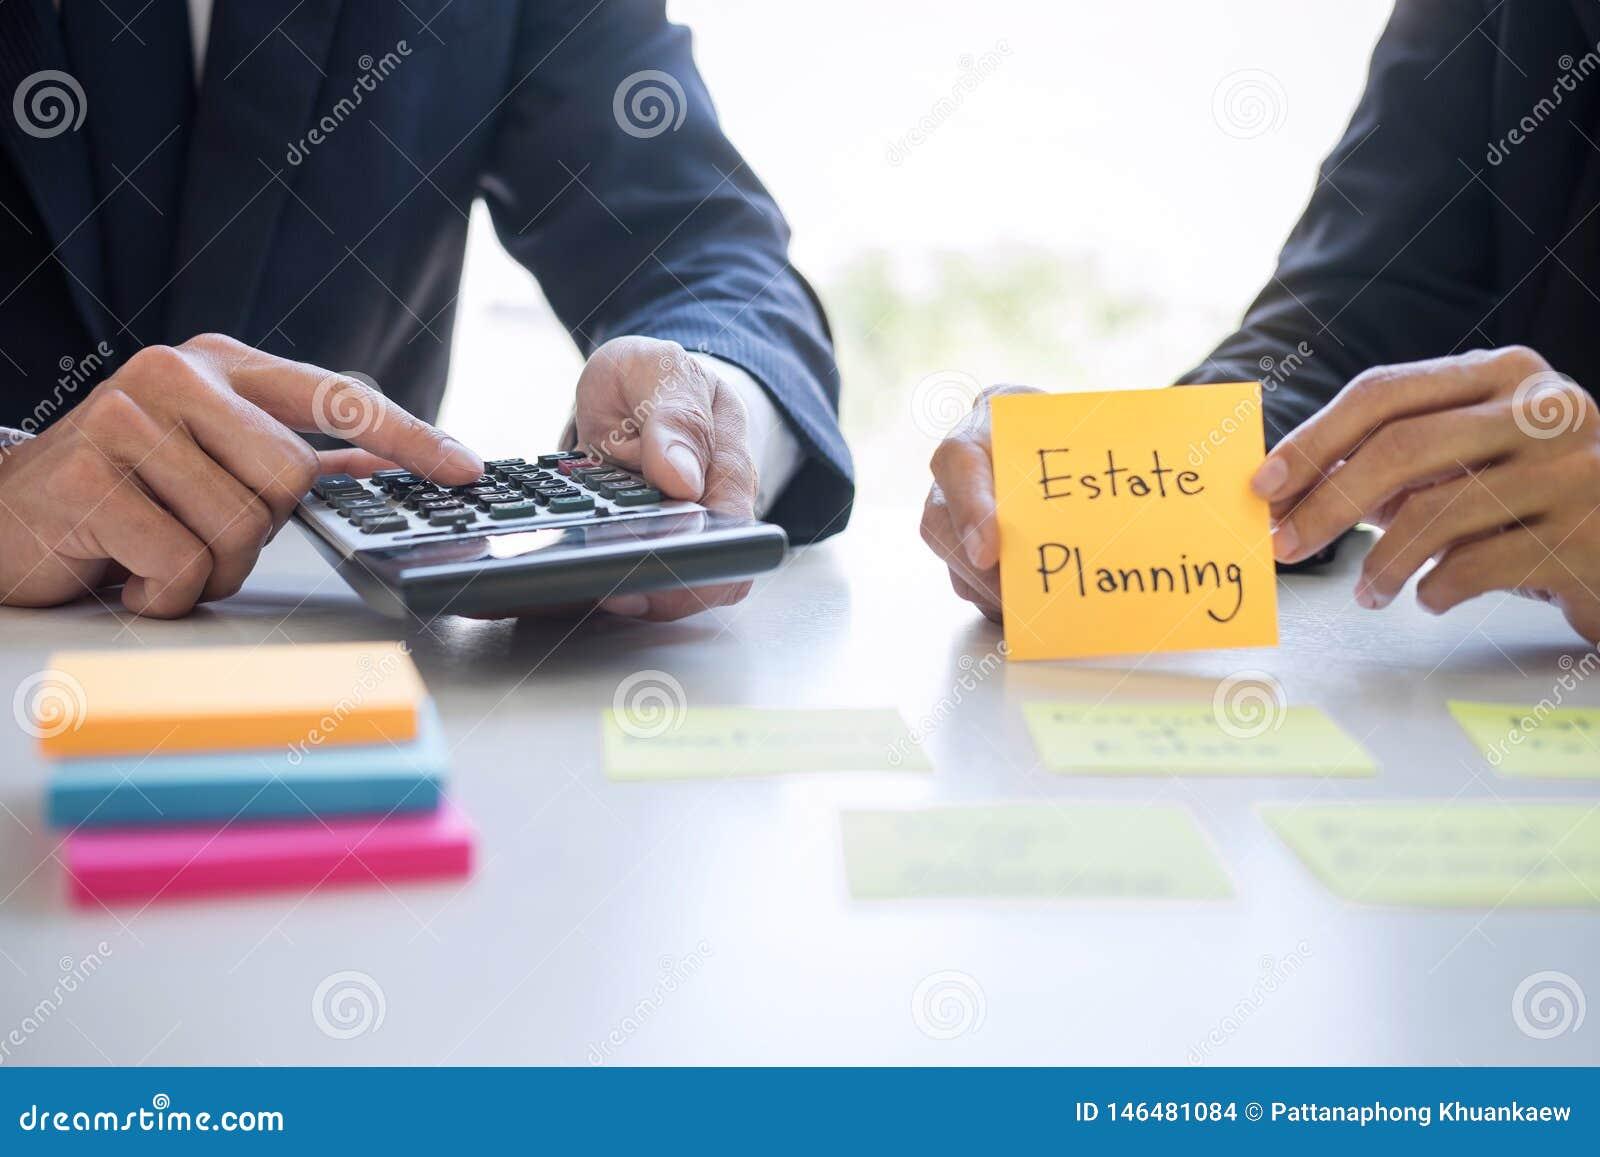 Gesti?n de la riqueza y concepto financiero, equipo de contabilidad empresarial que analiza y c?lculo sobre fondo de inversi?n de